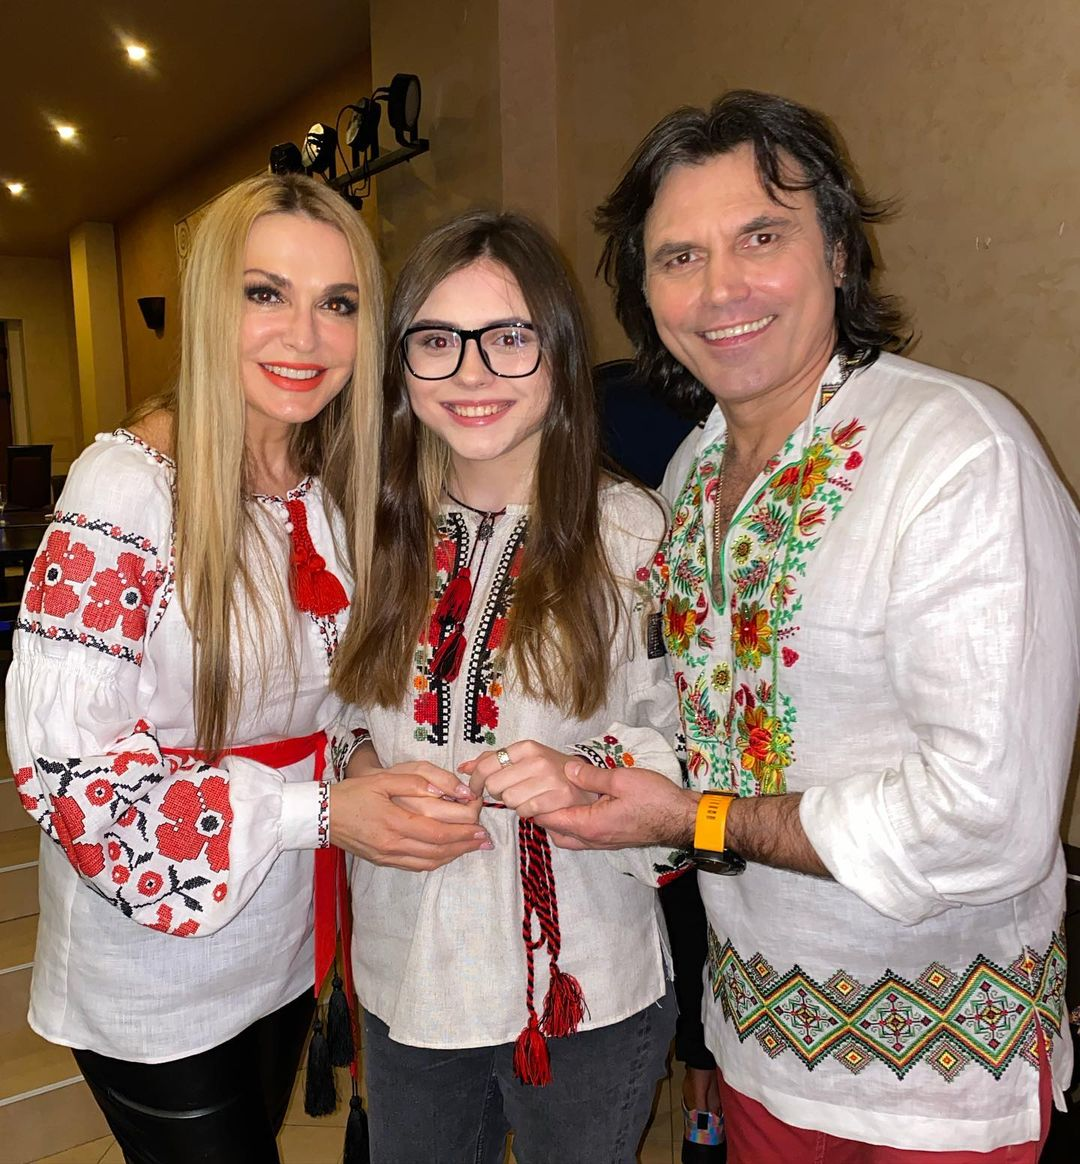 День вышиванки в Инстаграме Елены Зеленской, Оли Поляковой и Кати Осадчей